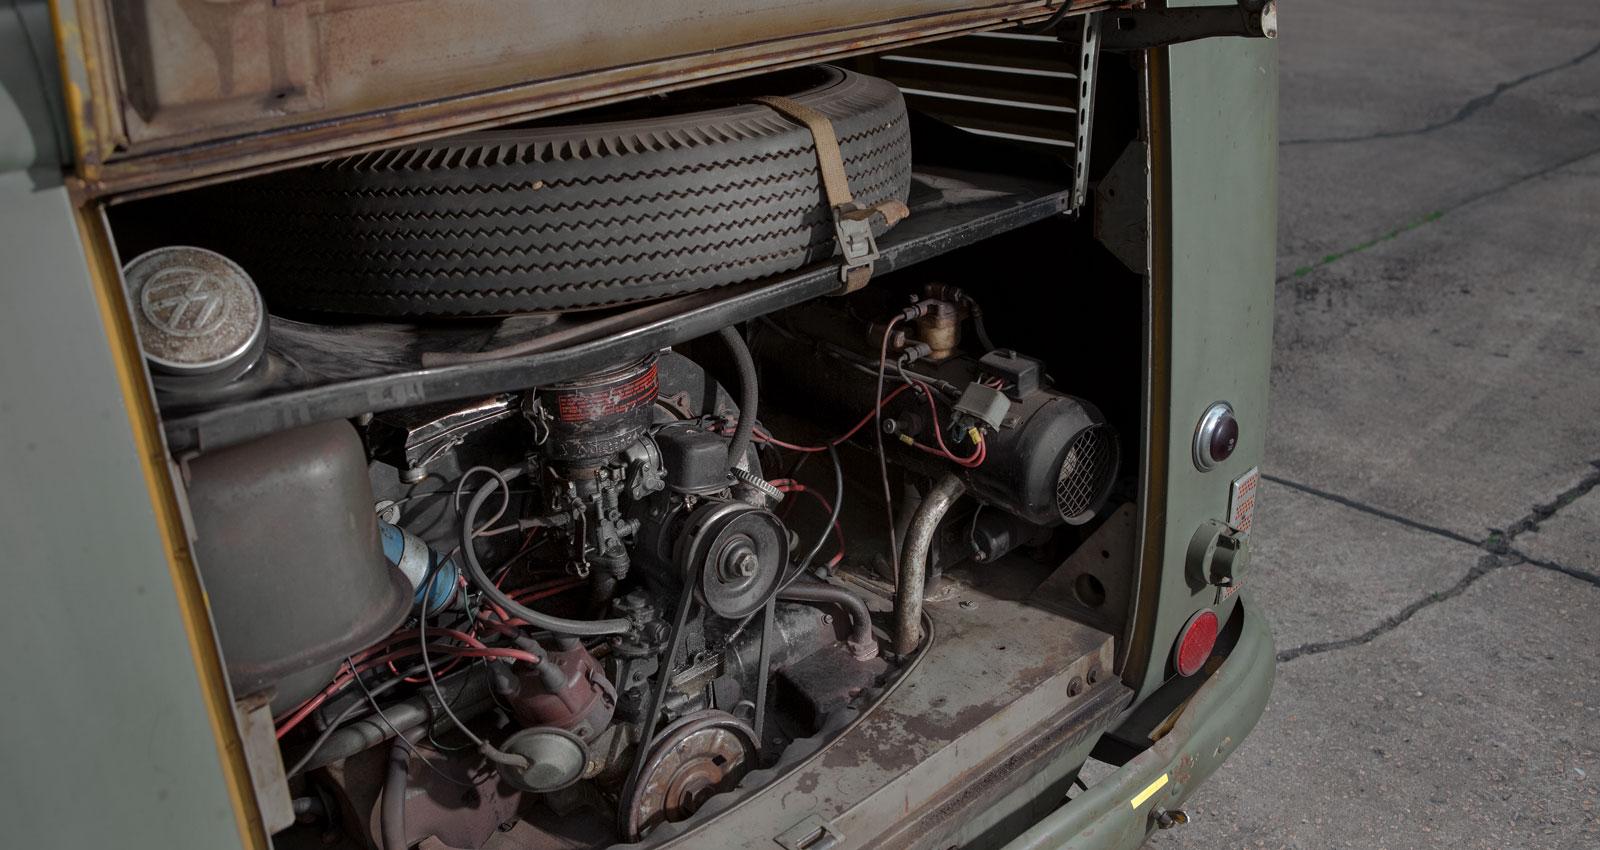 I bussens enorma innerutrymmen fanns tidigare en rejäl radioanläggning. Nu finns endast den radioapparat som användes för att lyssna på Radiotjänsts sändningar kvar. Jo, det fanns tid för det också. Det kalla kriget blev sedan betydligt varmare med en Eberspächer-värmare i motorrummet. En termos kaffe på det? Ostmackor i plåtlåda?